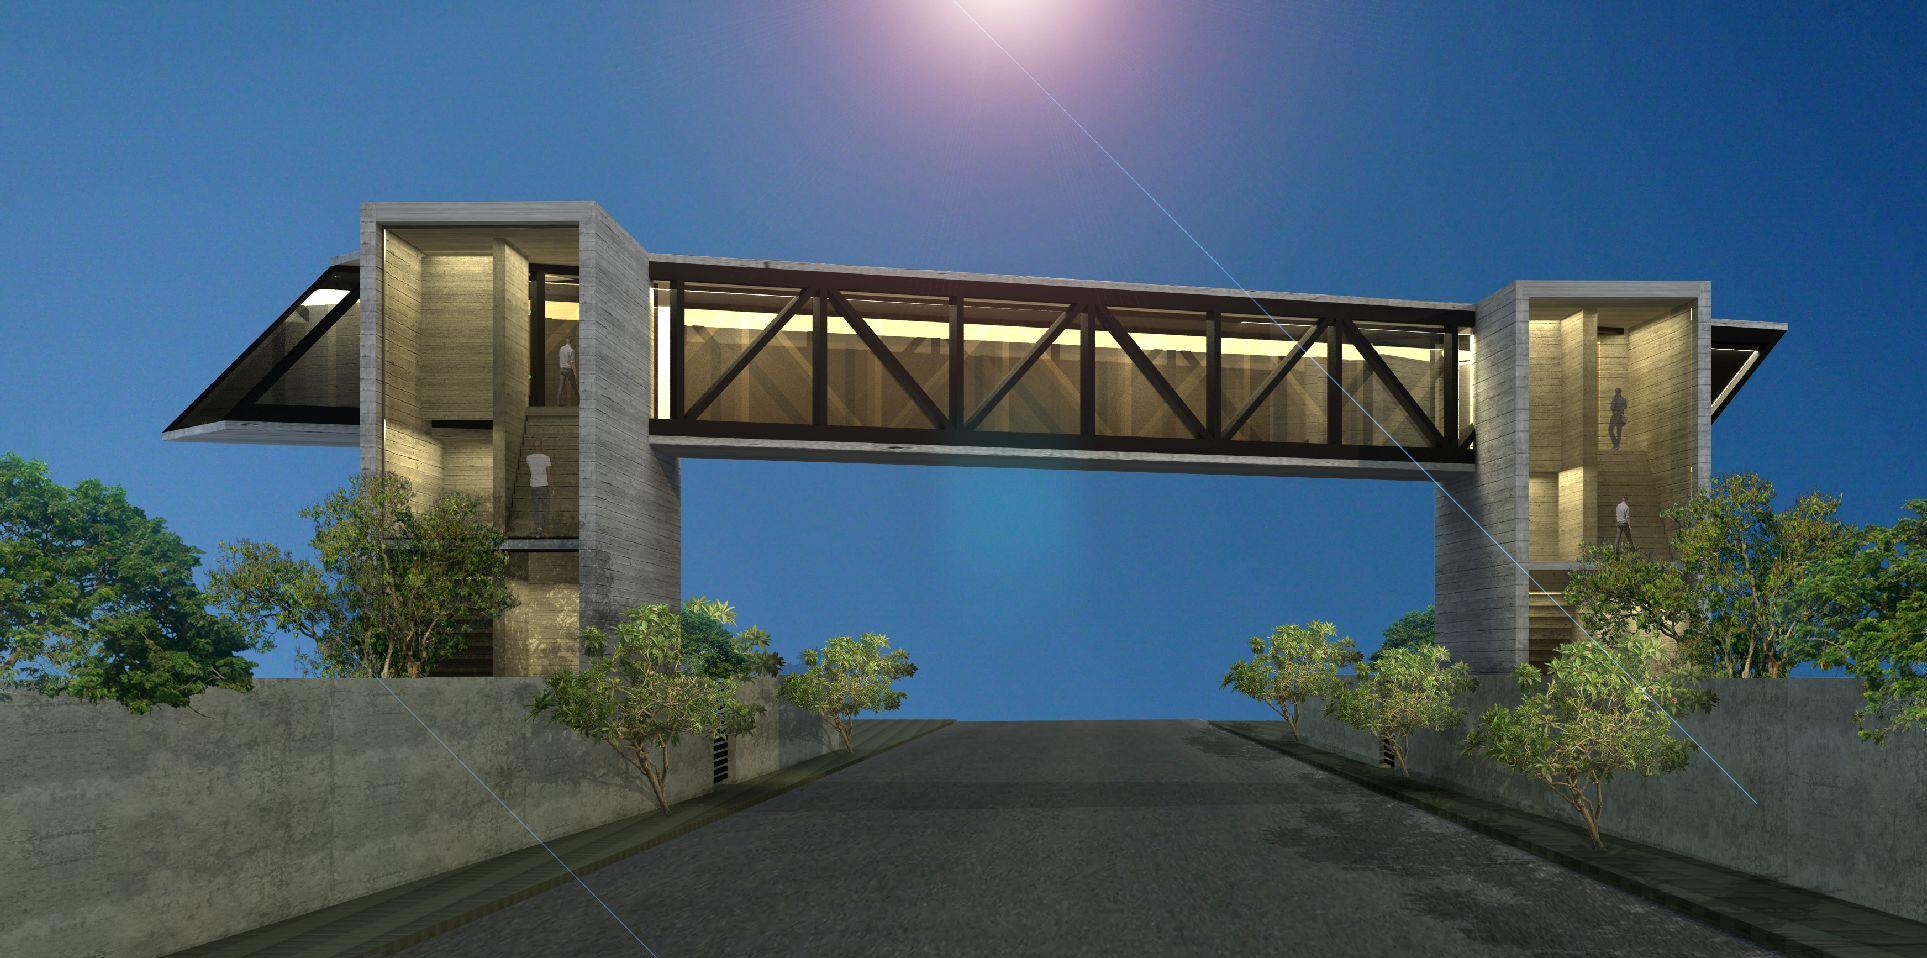 Diamond Cutters Bridge Image 01 | Bridges Architecture and Design in Sri Lanka